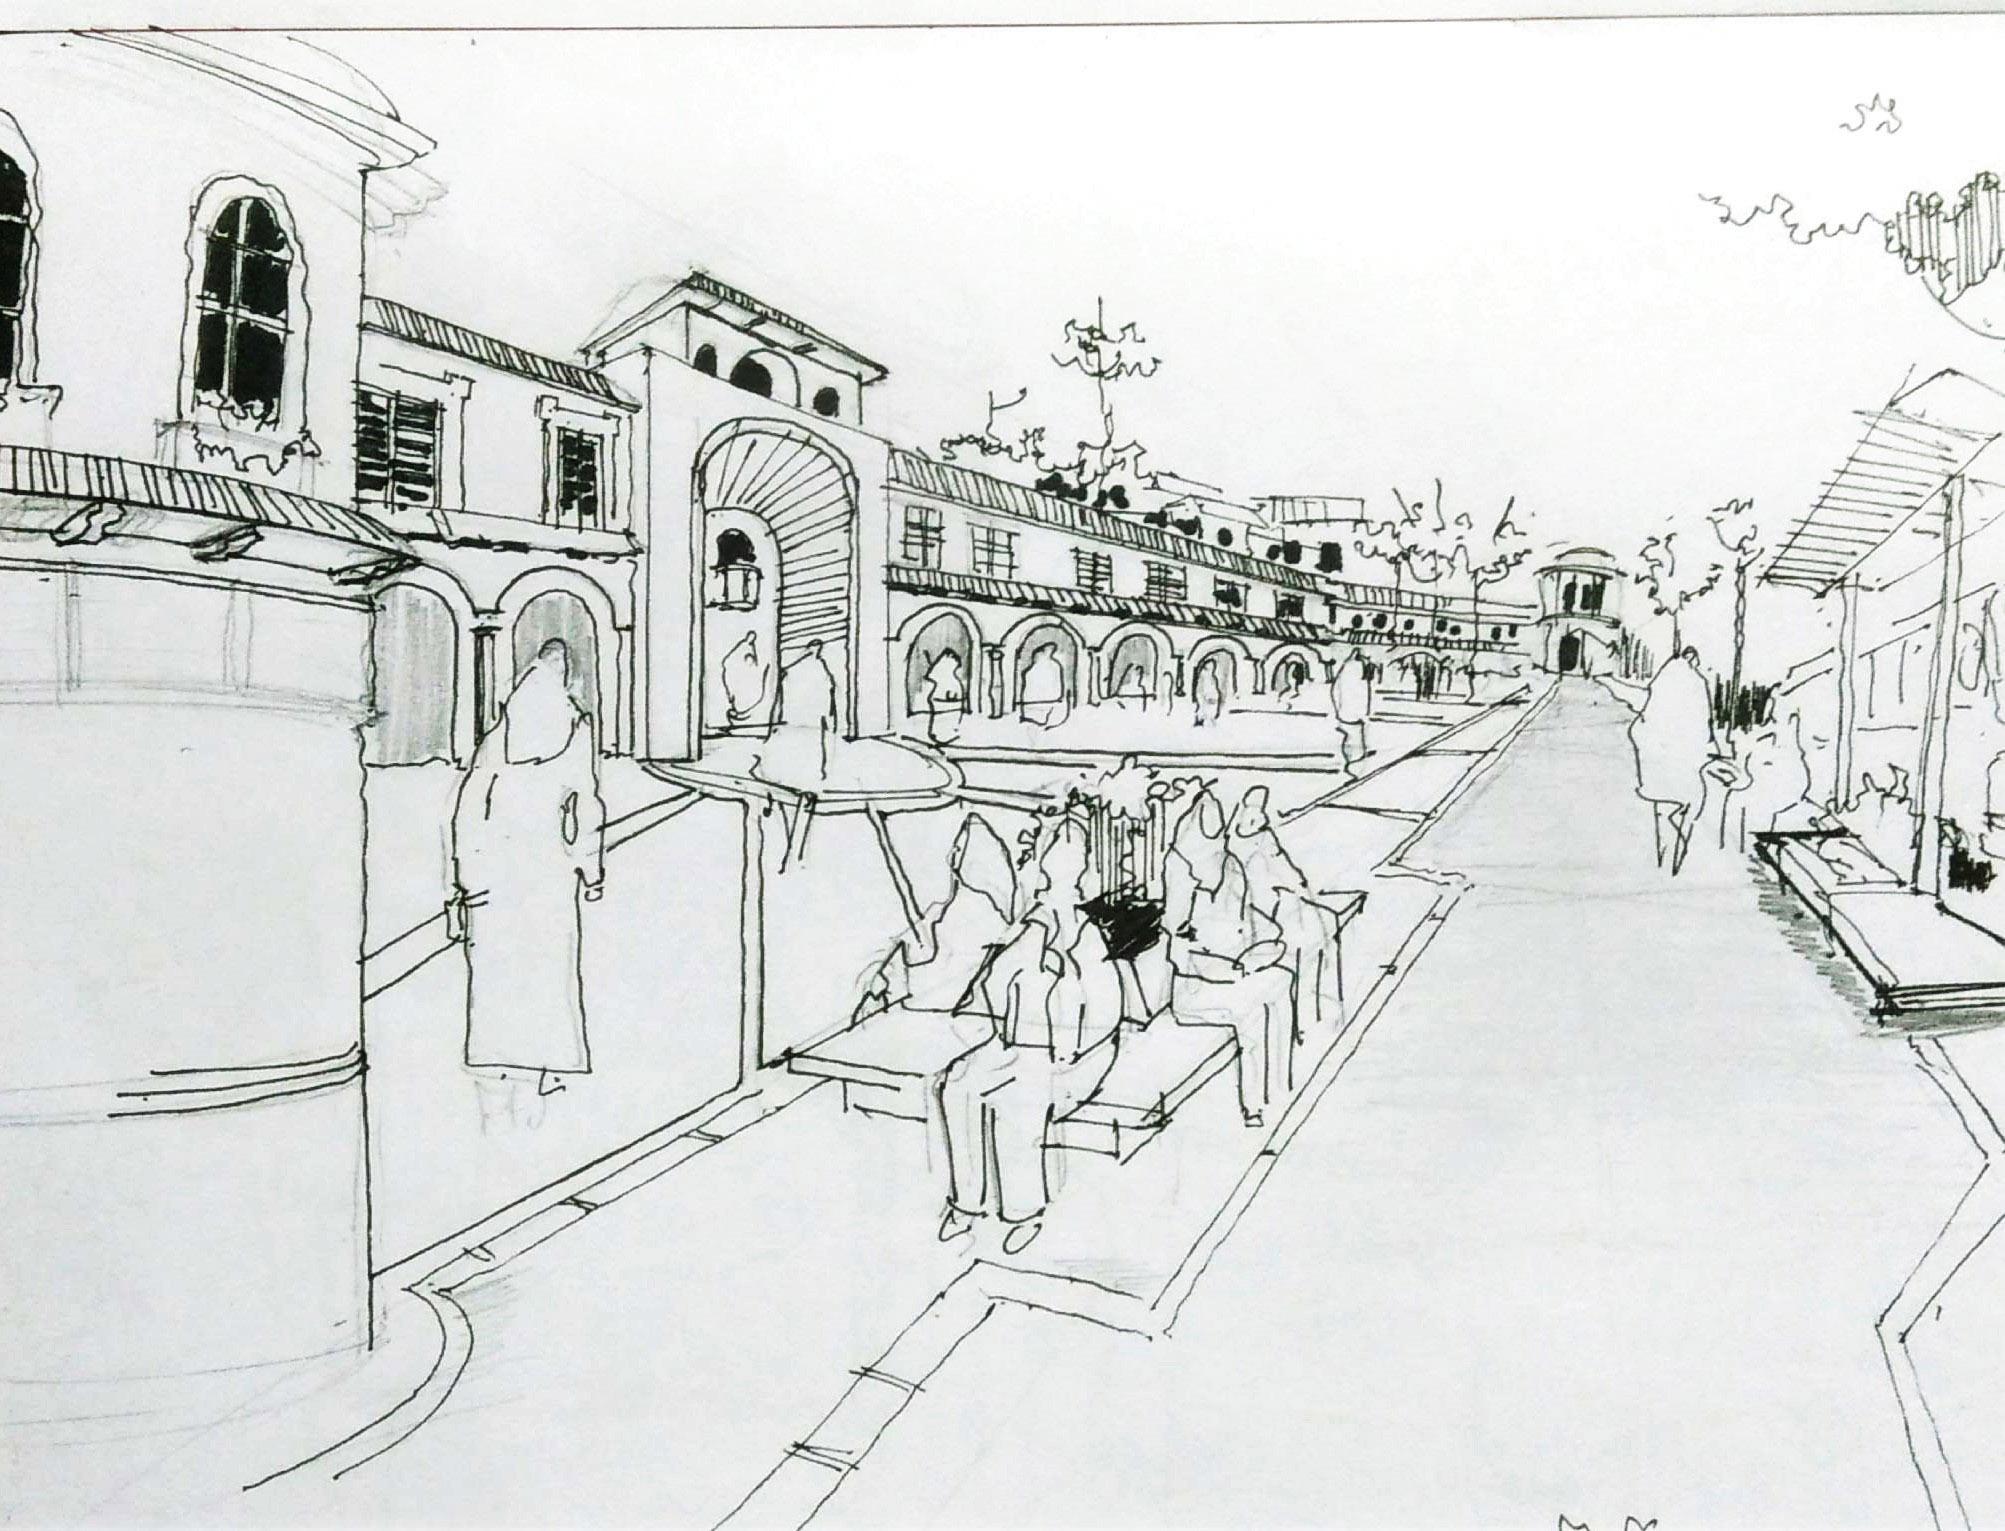 تفاوت برنامه ریزی شهری و طراحی شهری چیست؟